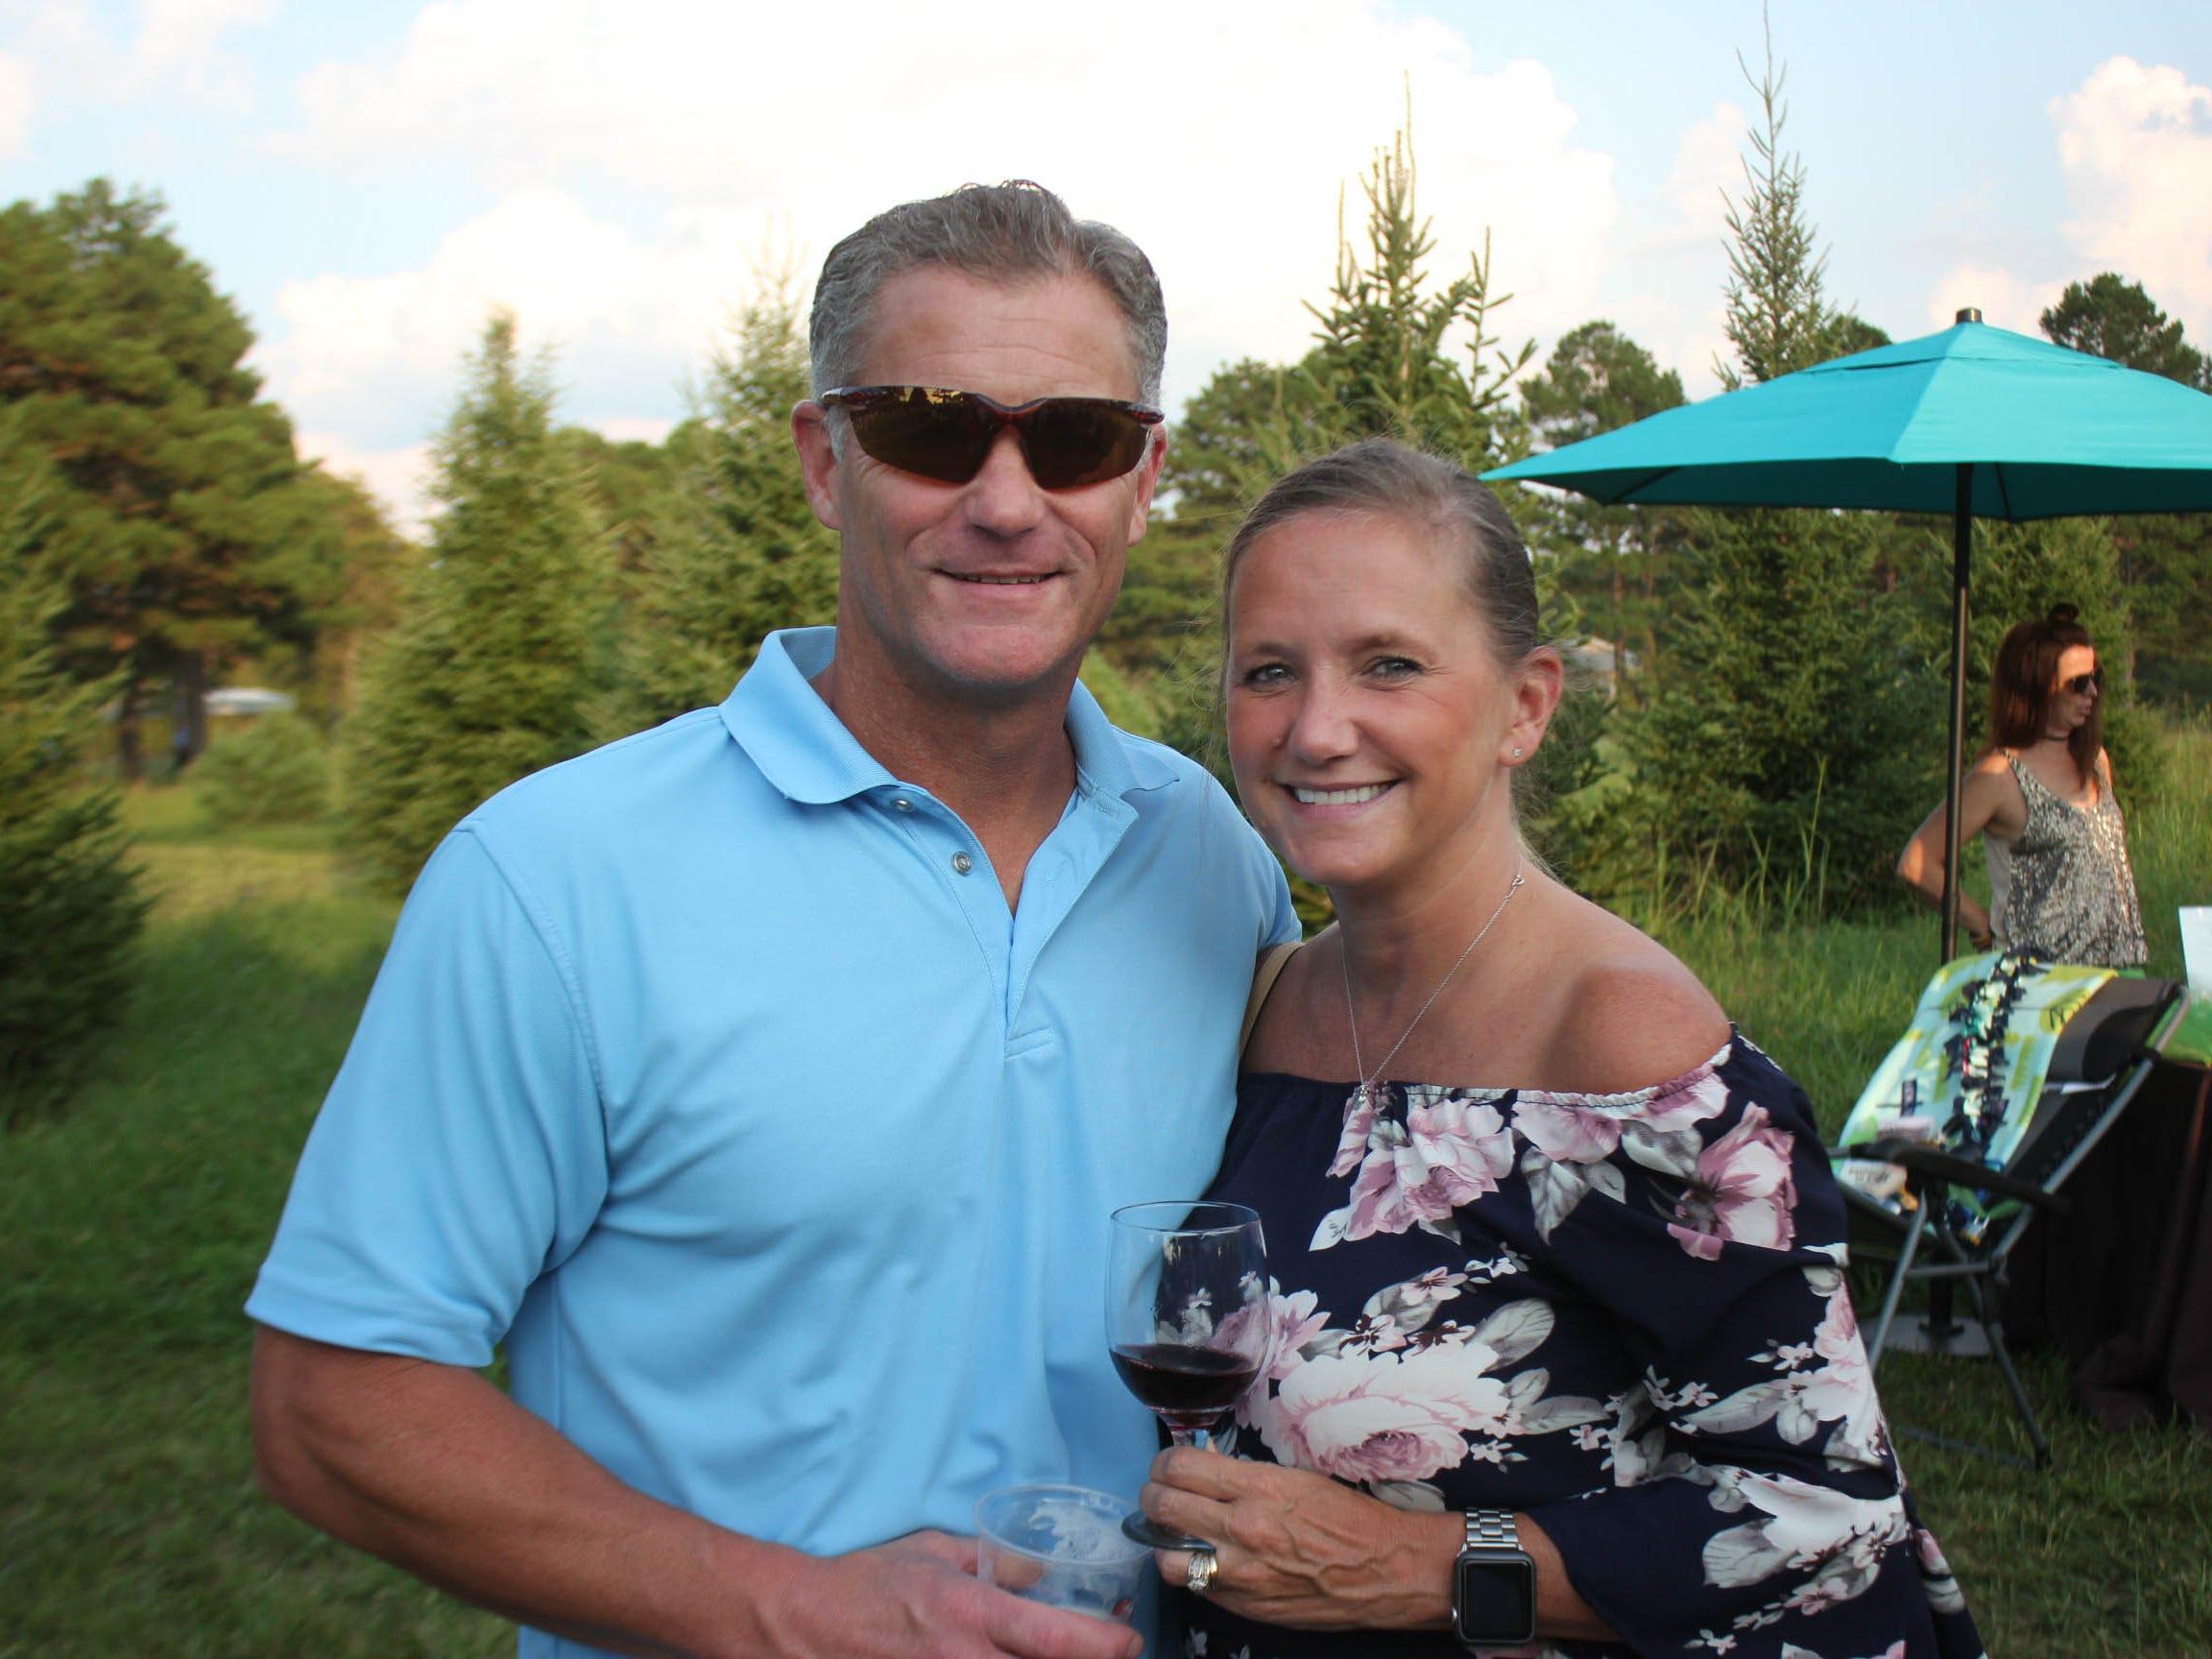 Chad Lakin and Jessica Lakin